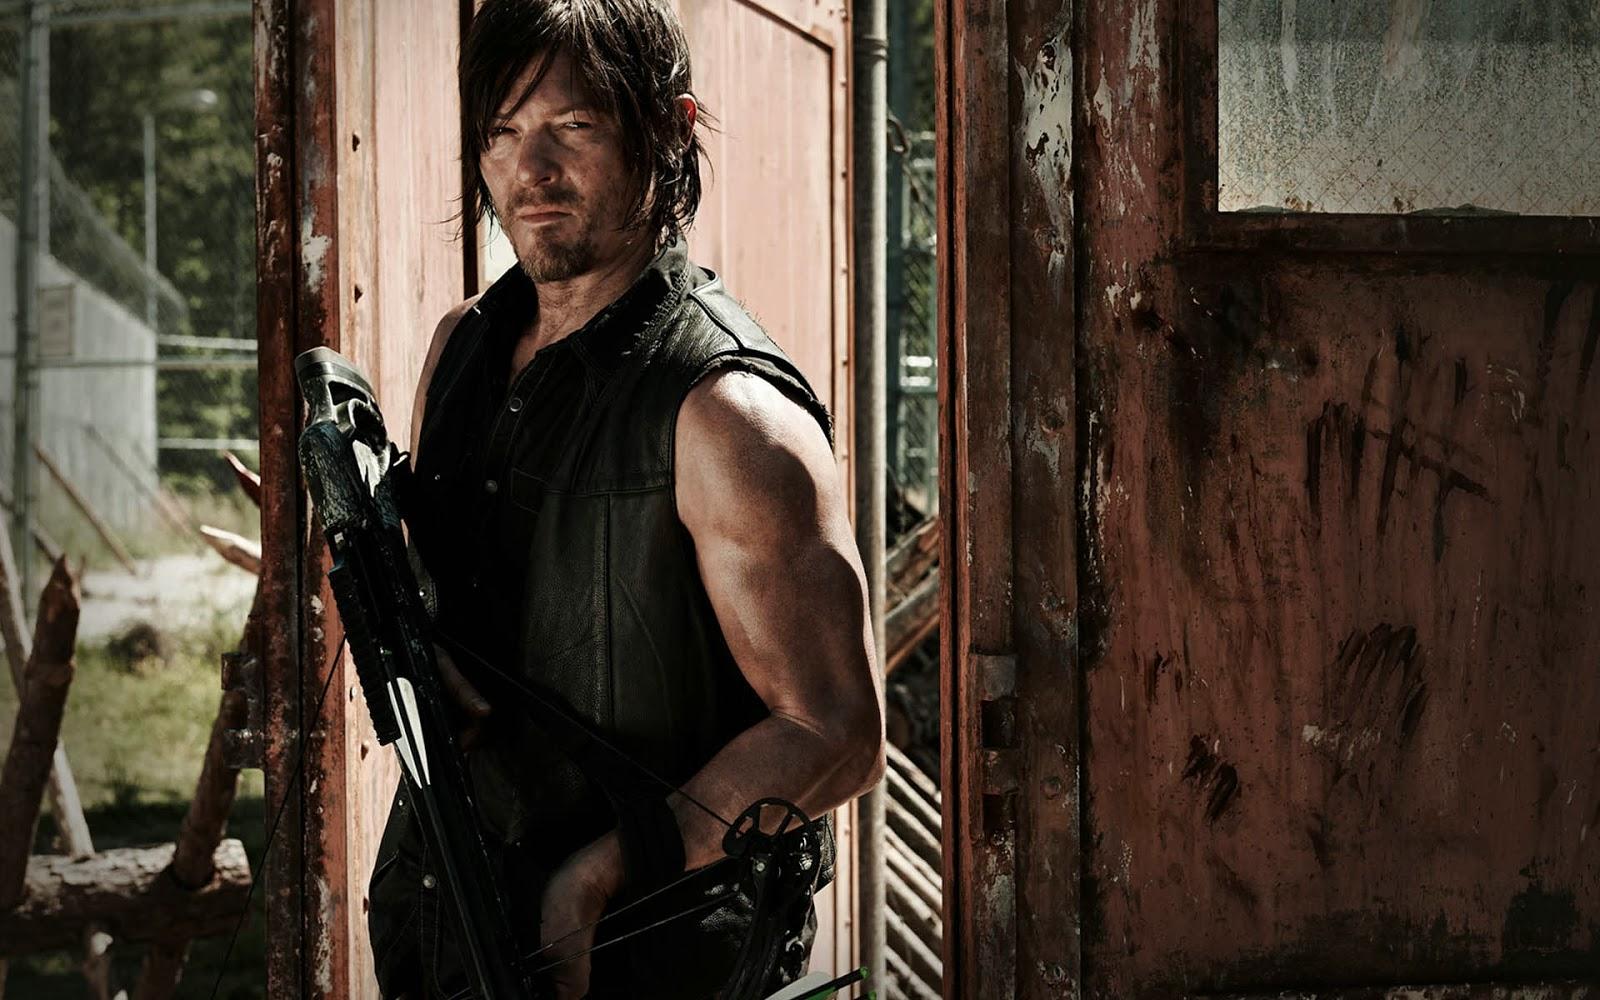 Walking_Dead_Season_4_Daryl_Dixon_Crossbow_Wallpaper.jpg